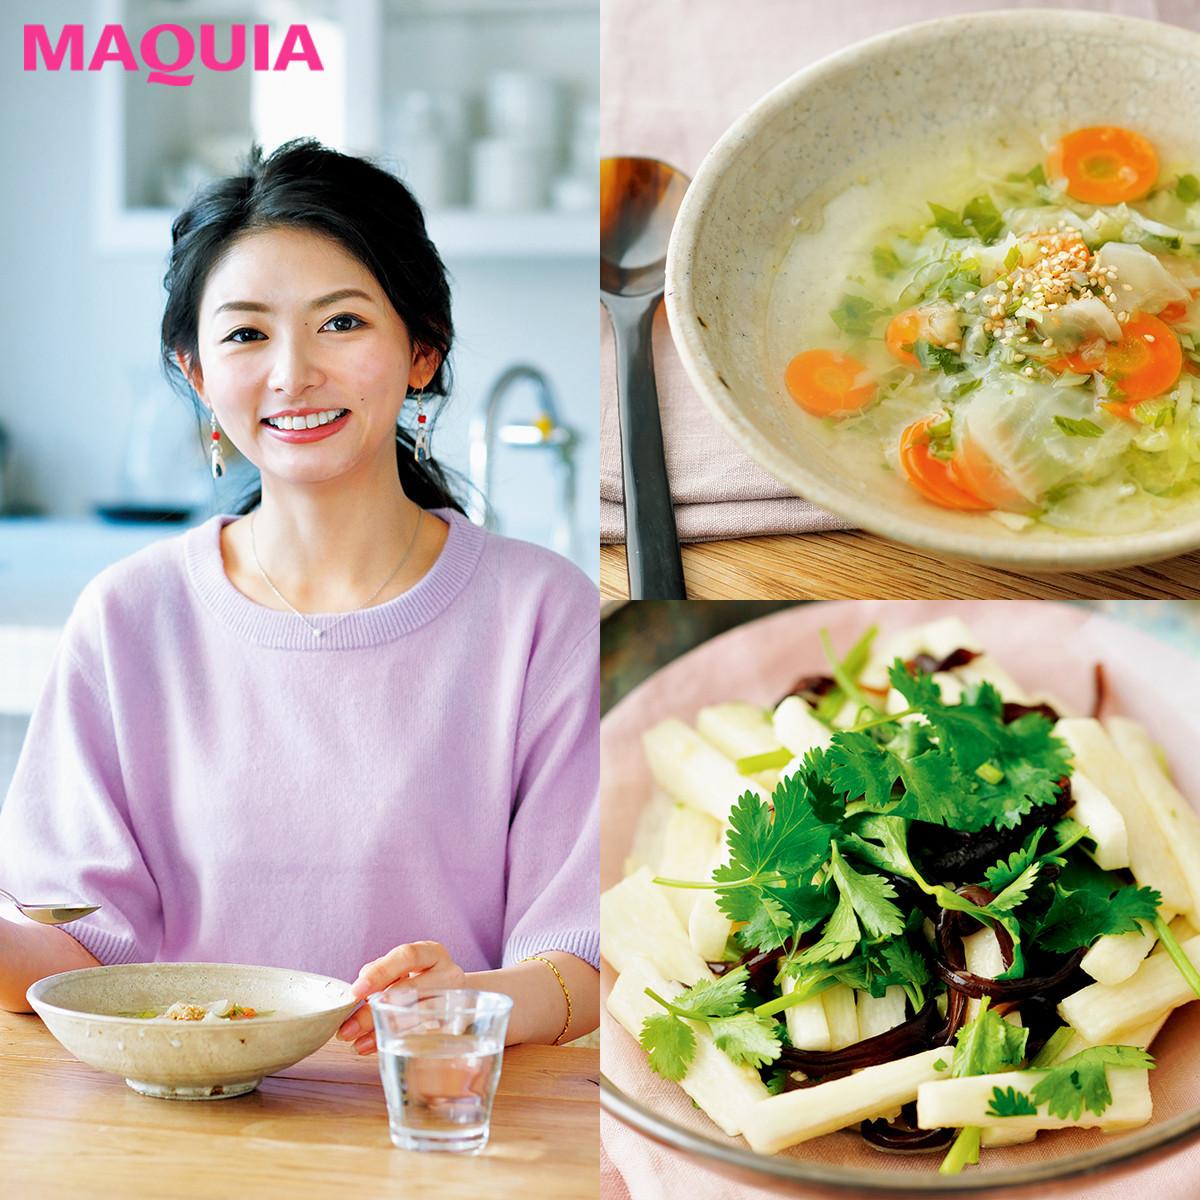 【インナービューティー | 食事やドリンク、サプリなどダイエットにもおすすめのインナーケアとその効果は?】_中医美容研究家 濱田文恵さん「肌状態をみて効果のある食材選びを」